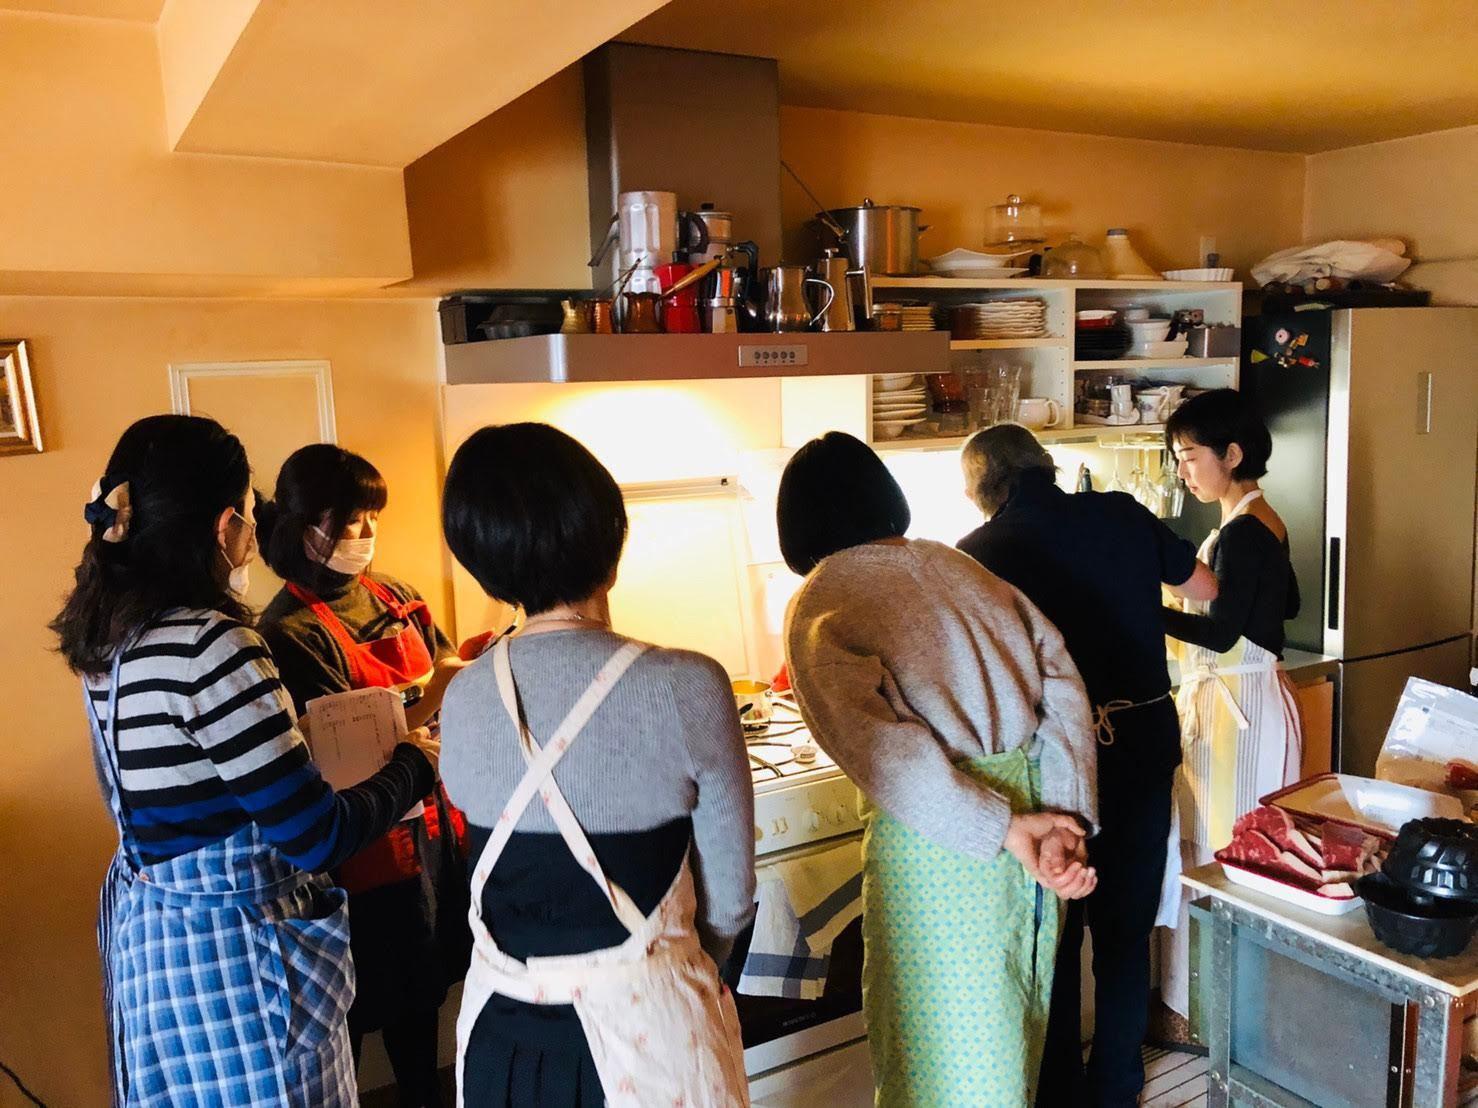 レストラン流、美味しいステーキの焼き方を習いました【サン・ファソン 本多シェフに習うフレンチ】_b0345136_21194376.jpg